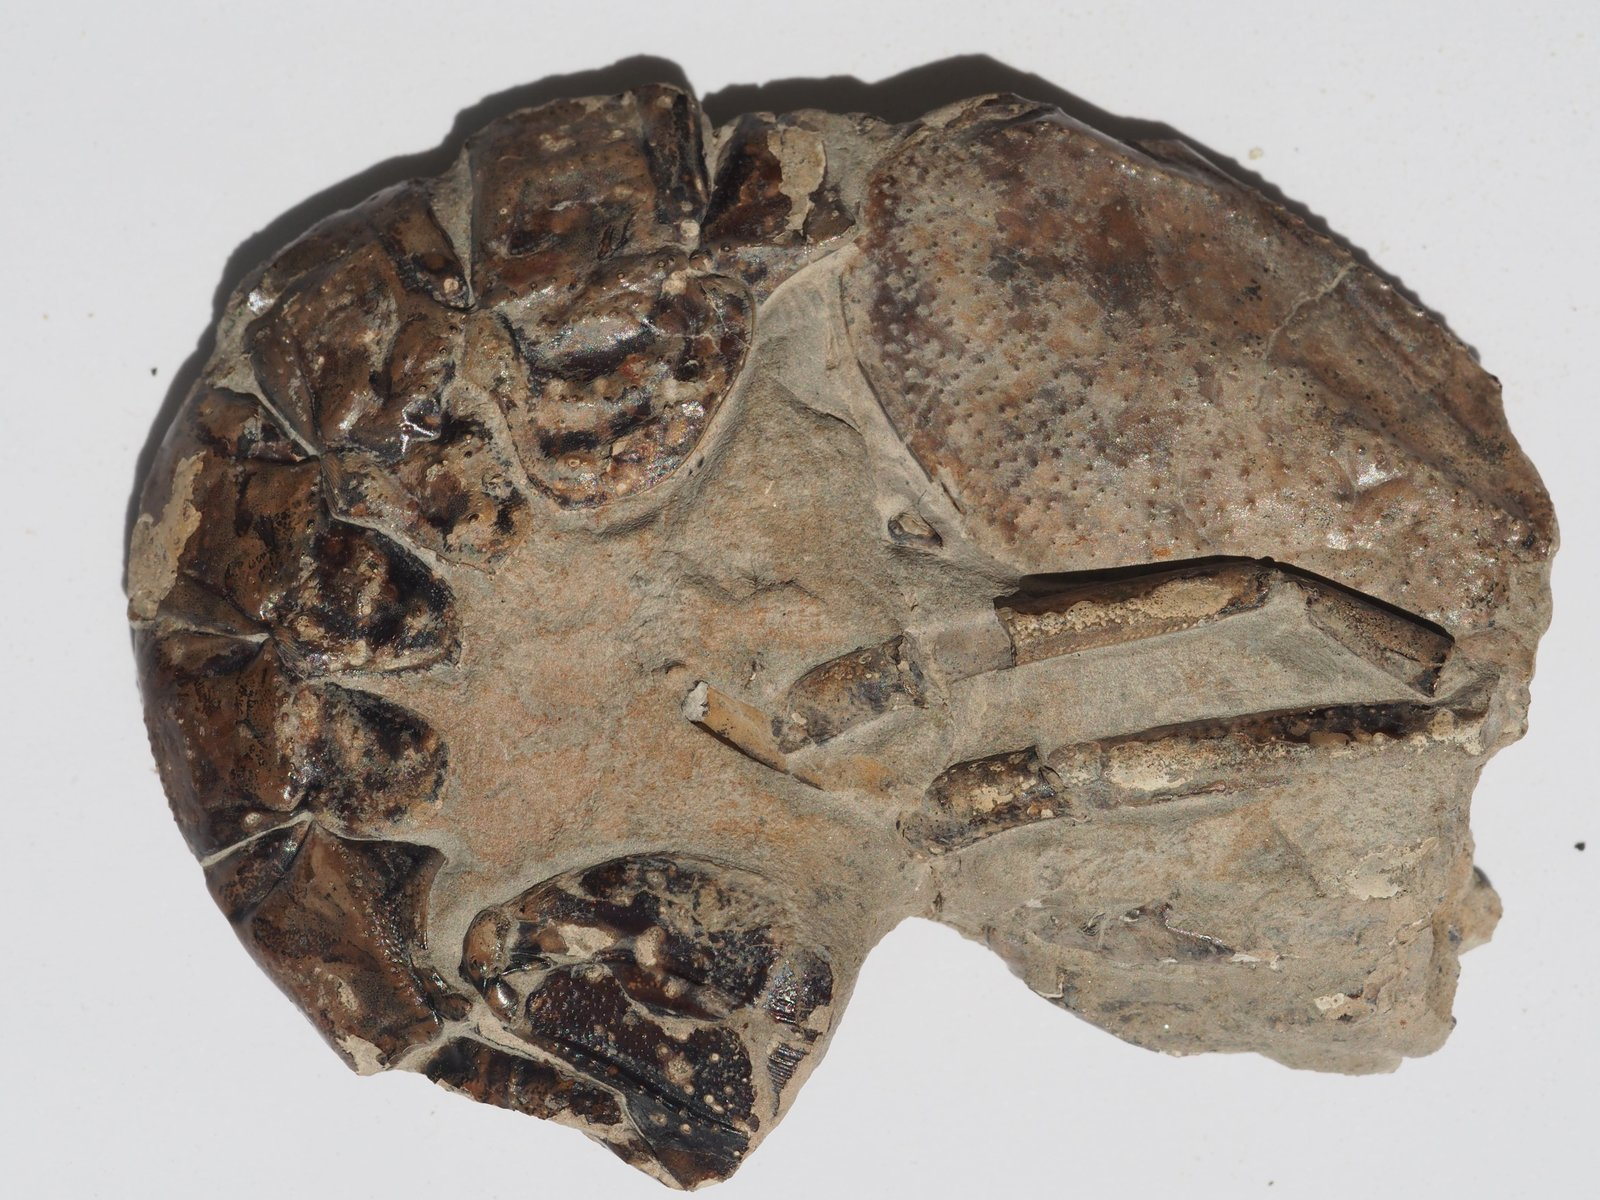 Meyeria magna M'Coy, 1848